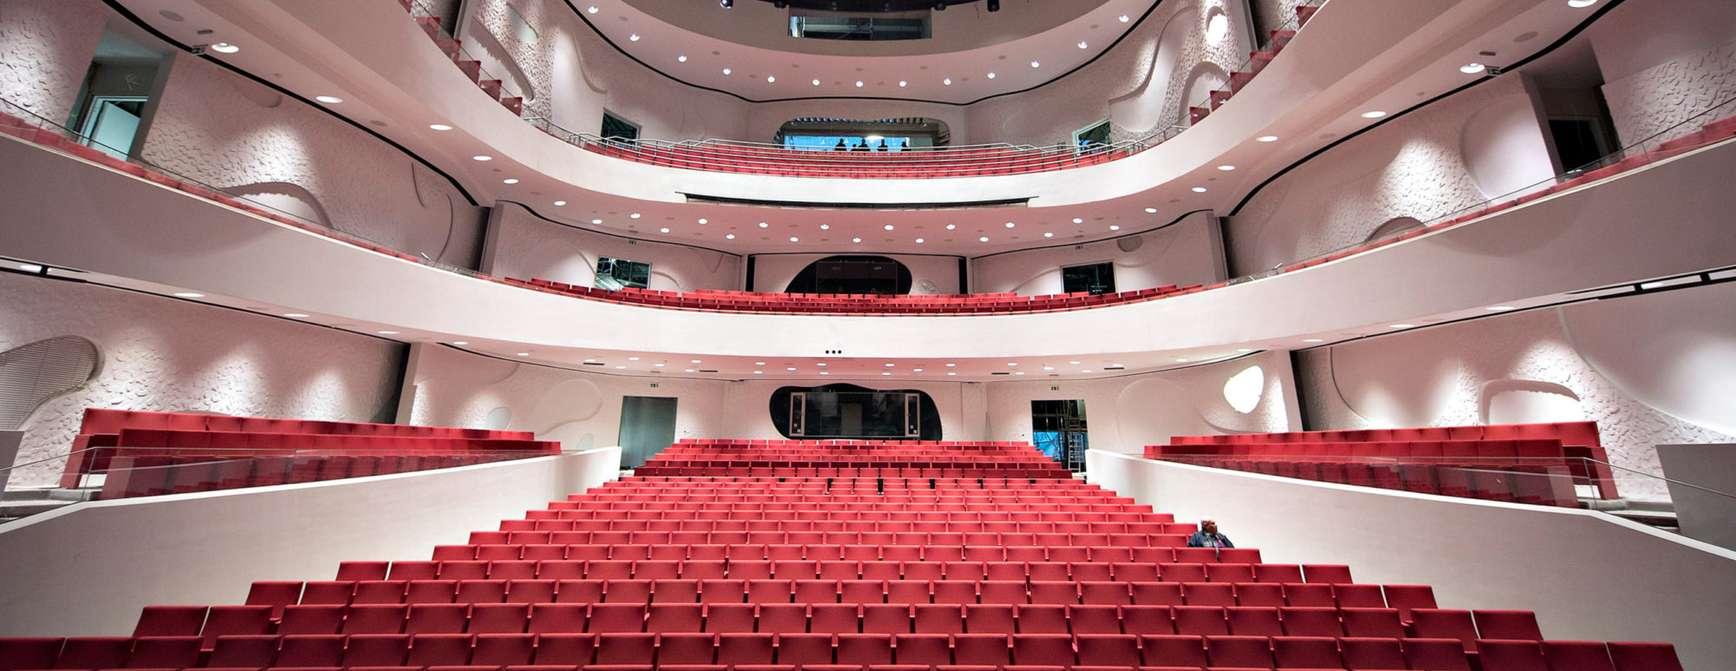 Storsalen i Musikkens Hus i Aalborg